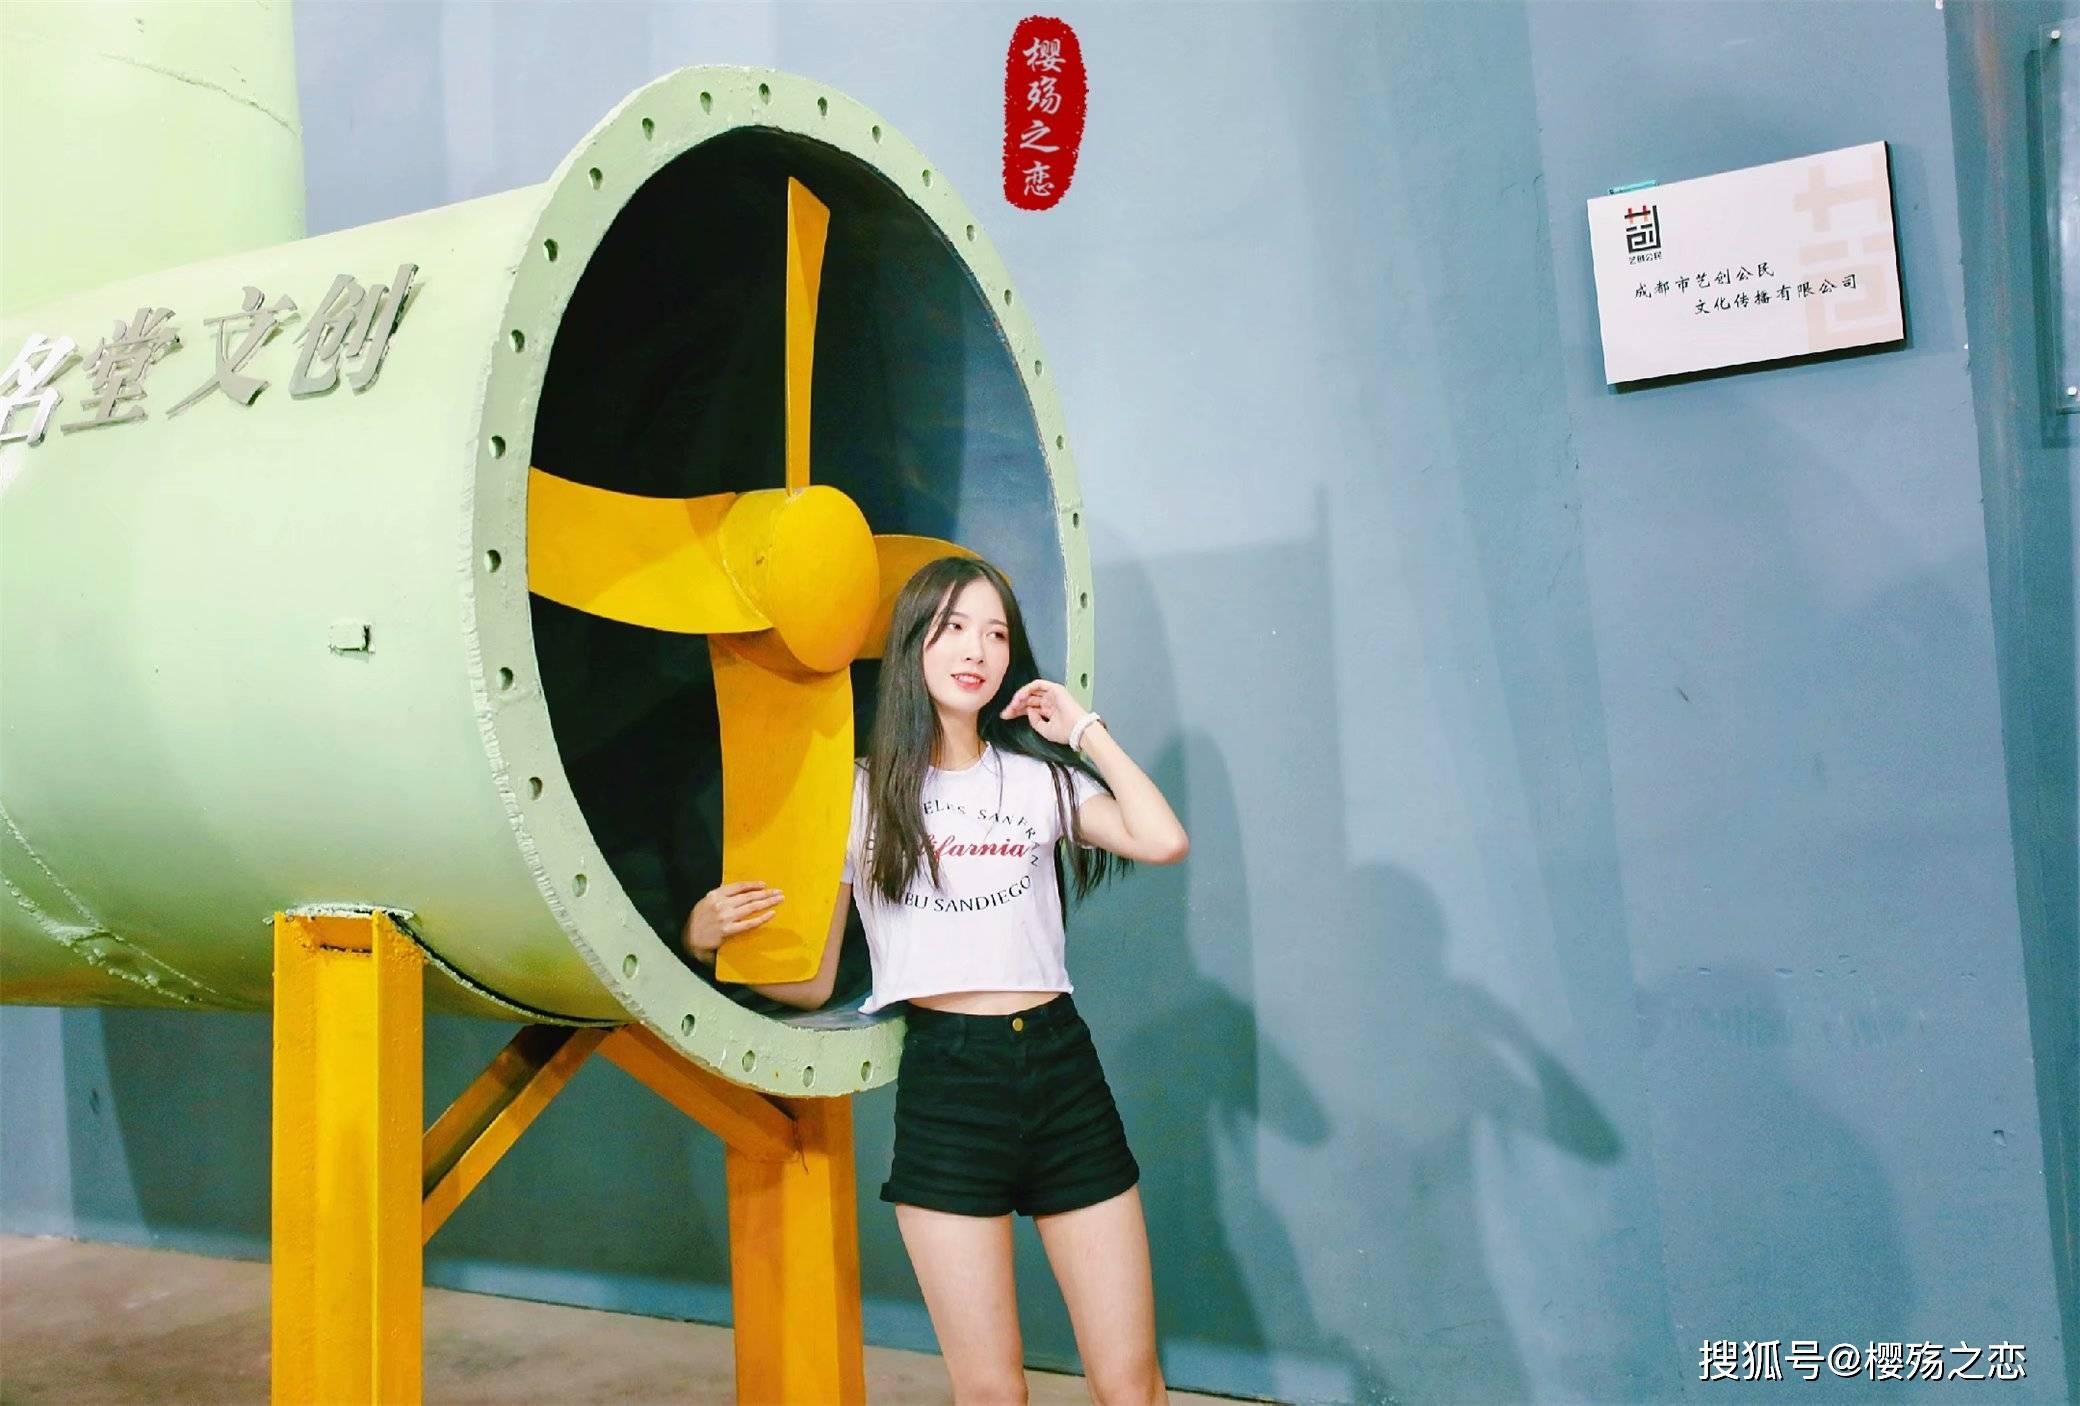 四川旅游排行榜_四川旅游景点排名前十名四川景点排行榜前十名有哪些